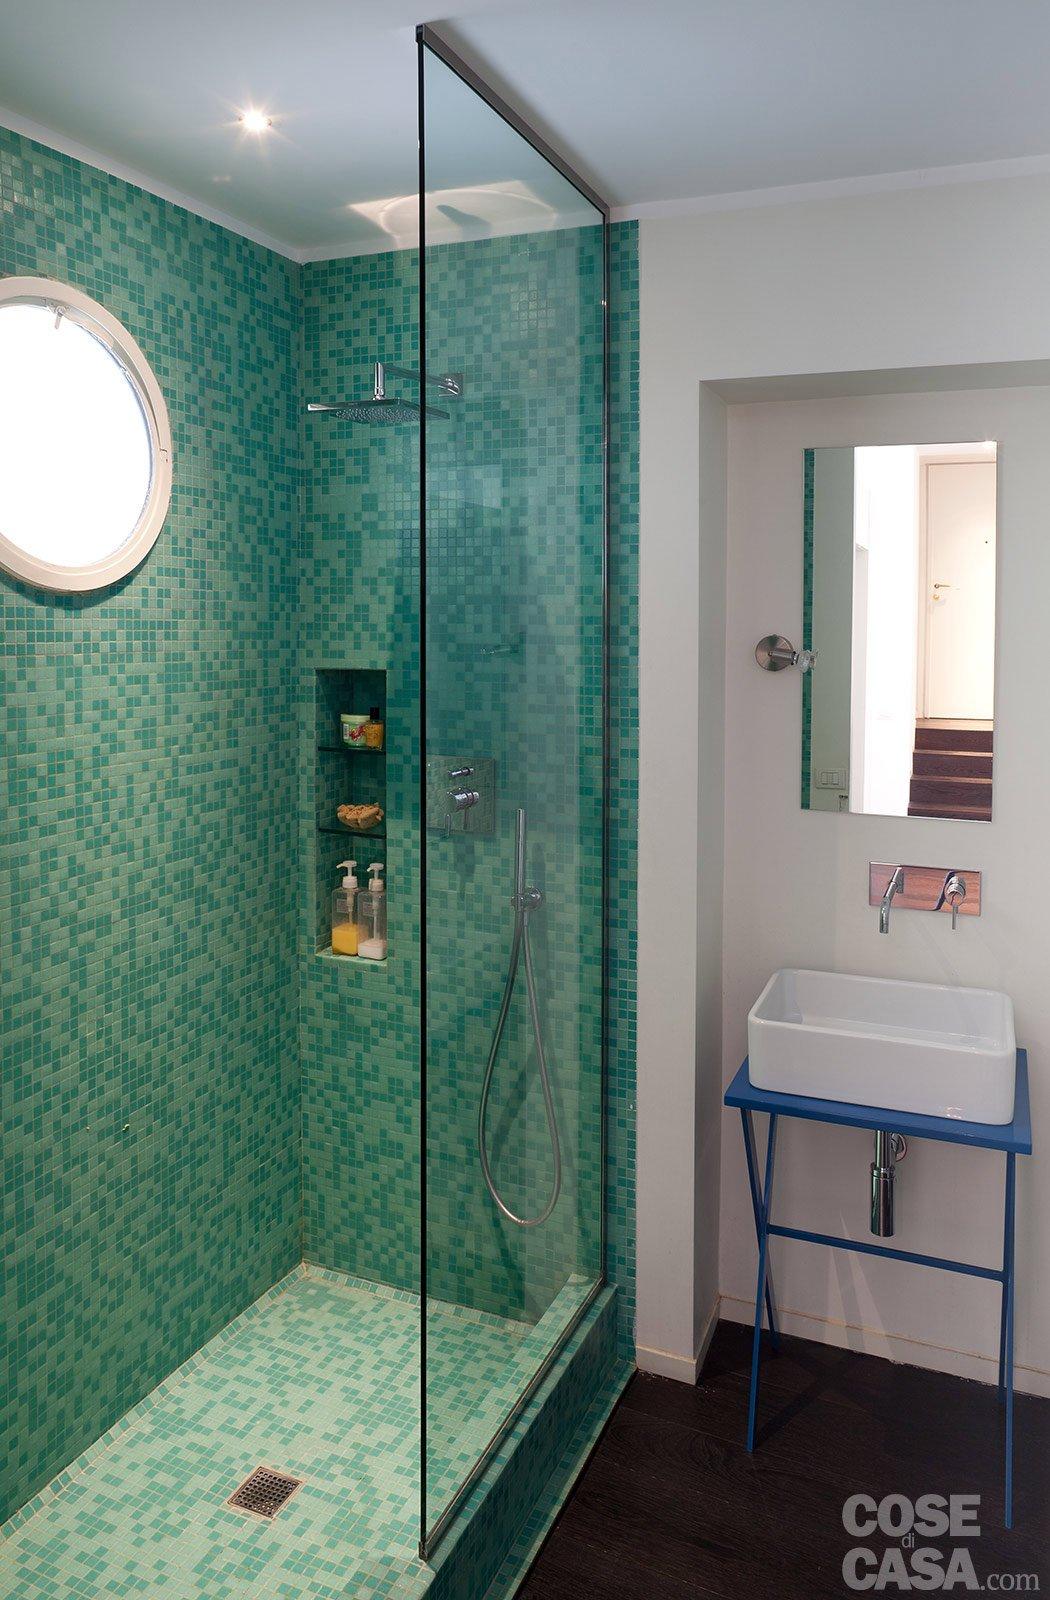 70 mq la casa migliora cos cose di casa - Altezza parapetto finestra ...